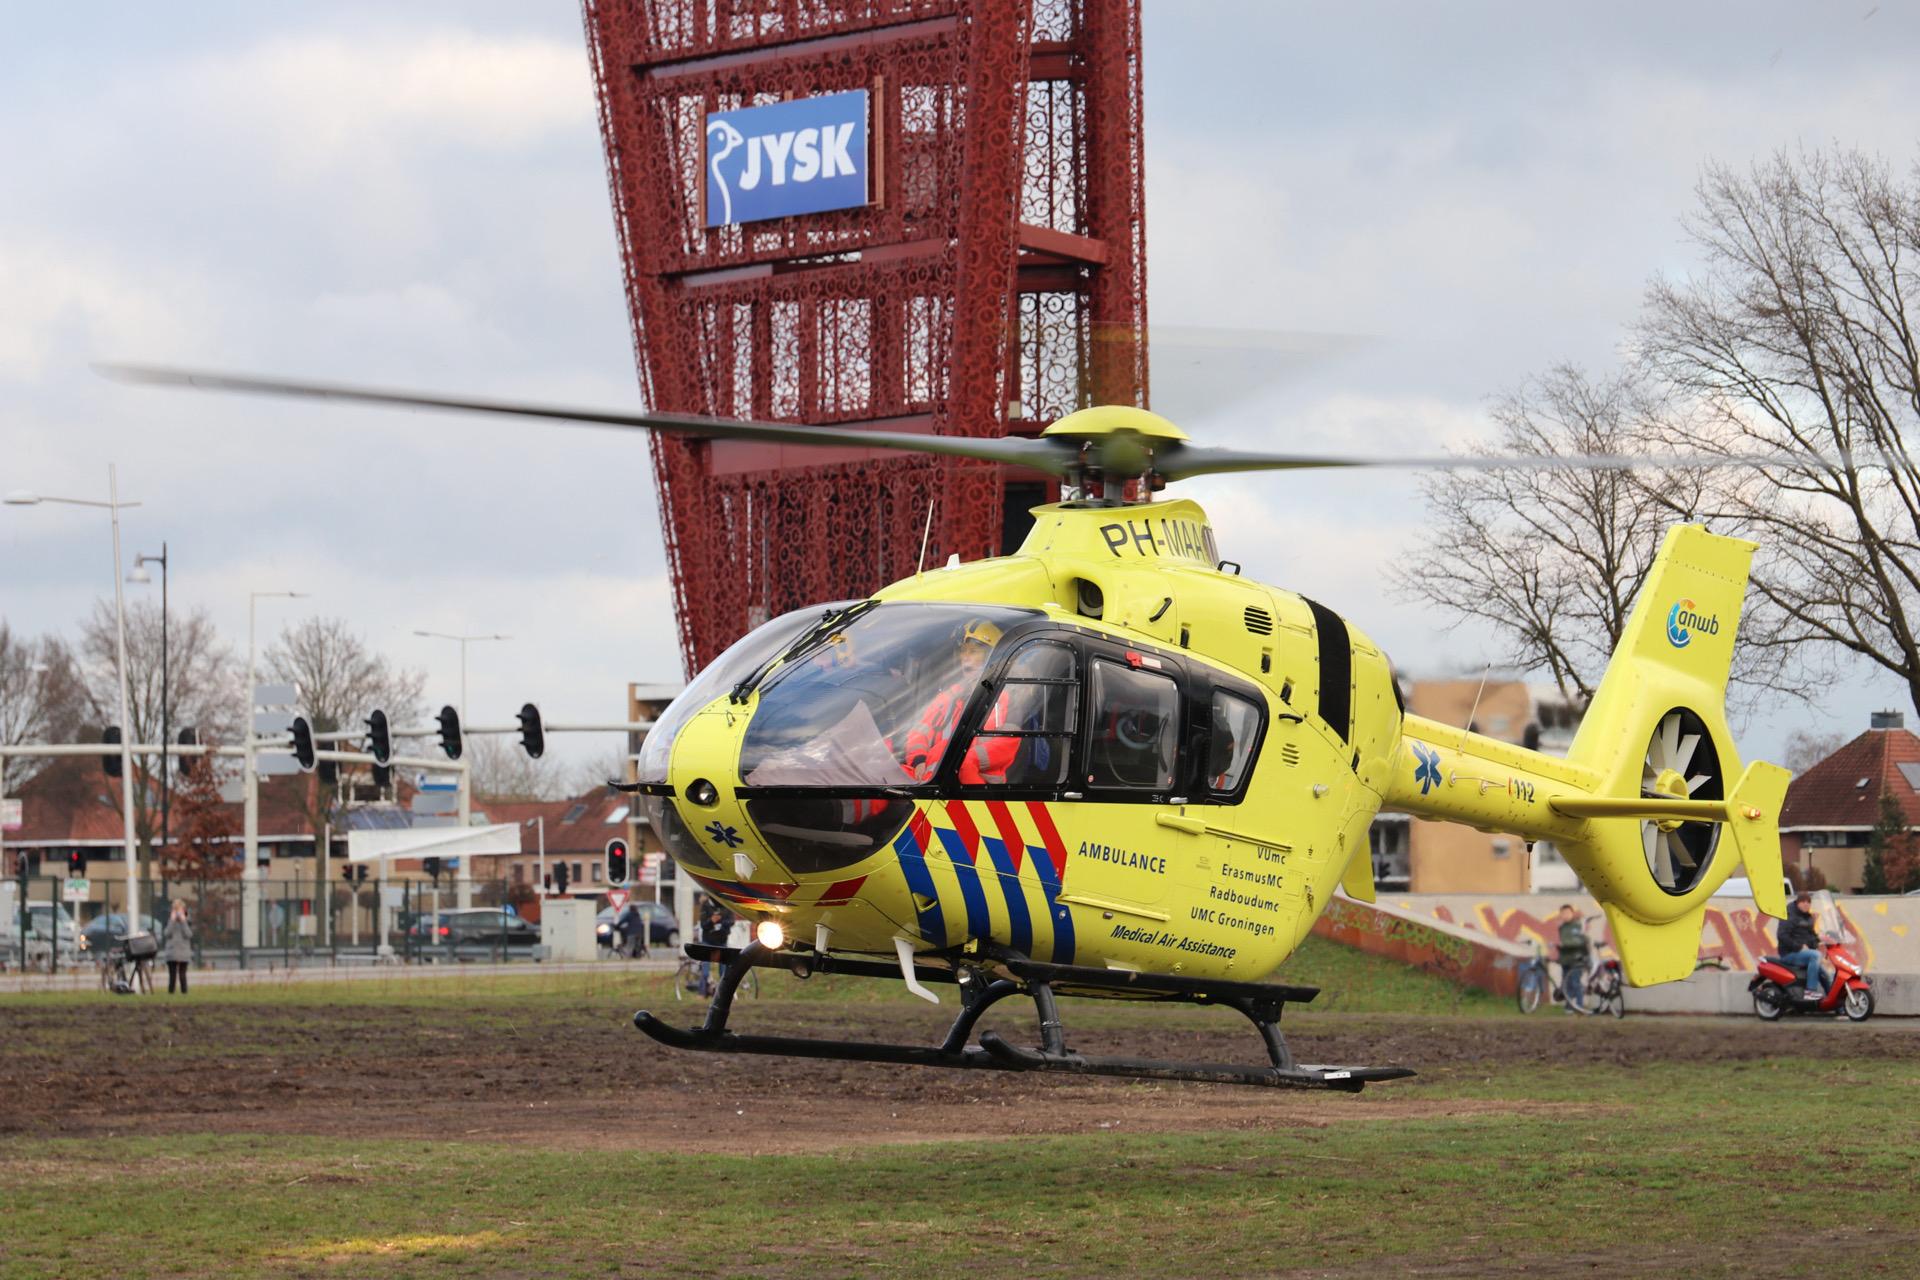 Extra traumahelikopter voor transport Coronapatiënten